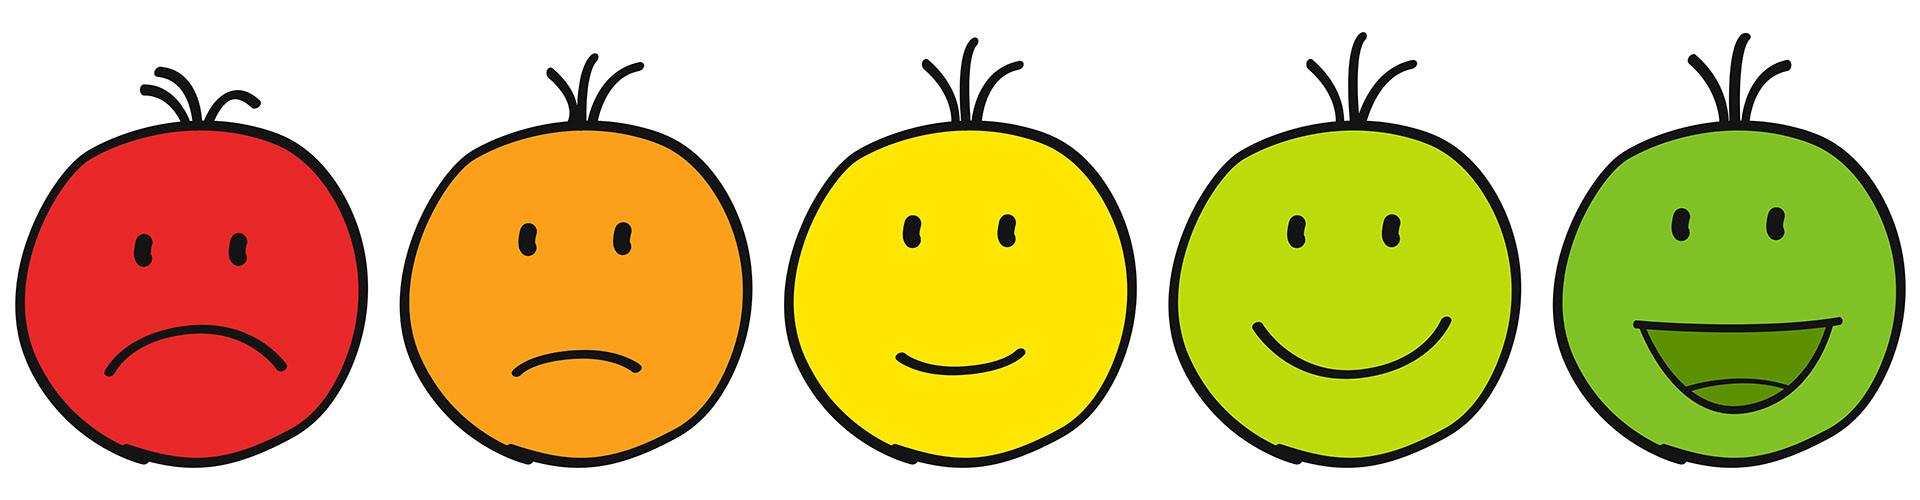 Smiley Bewertung von schlecht bis sehr gut © pixelfreund, stock.adobe.com